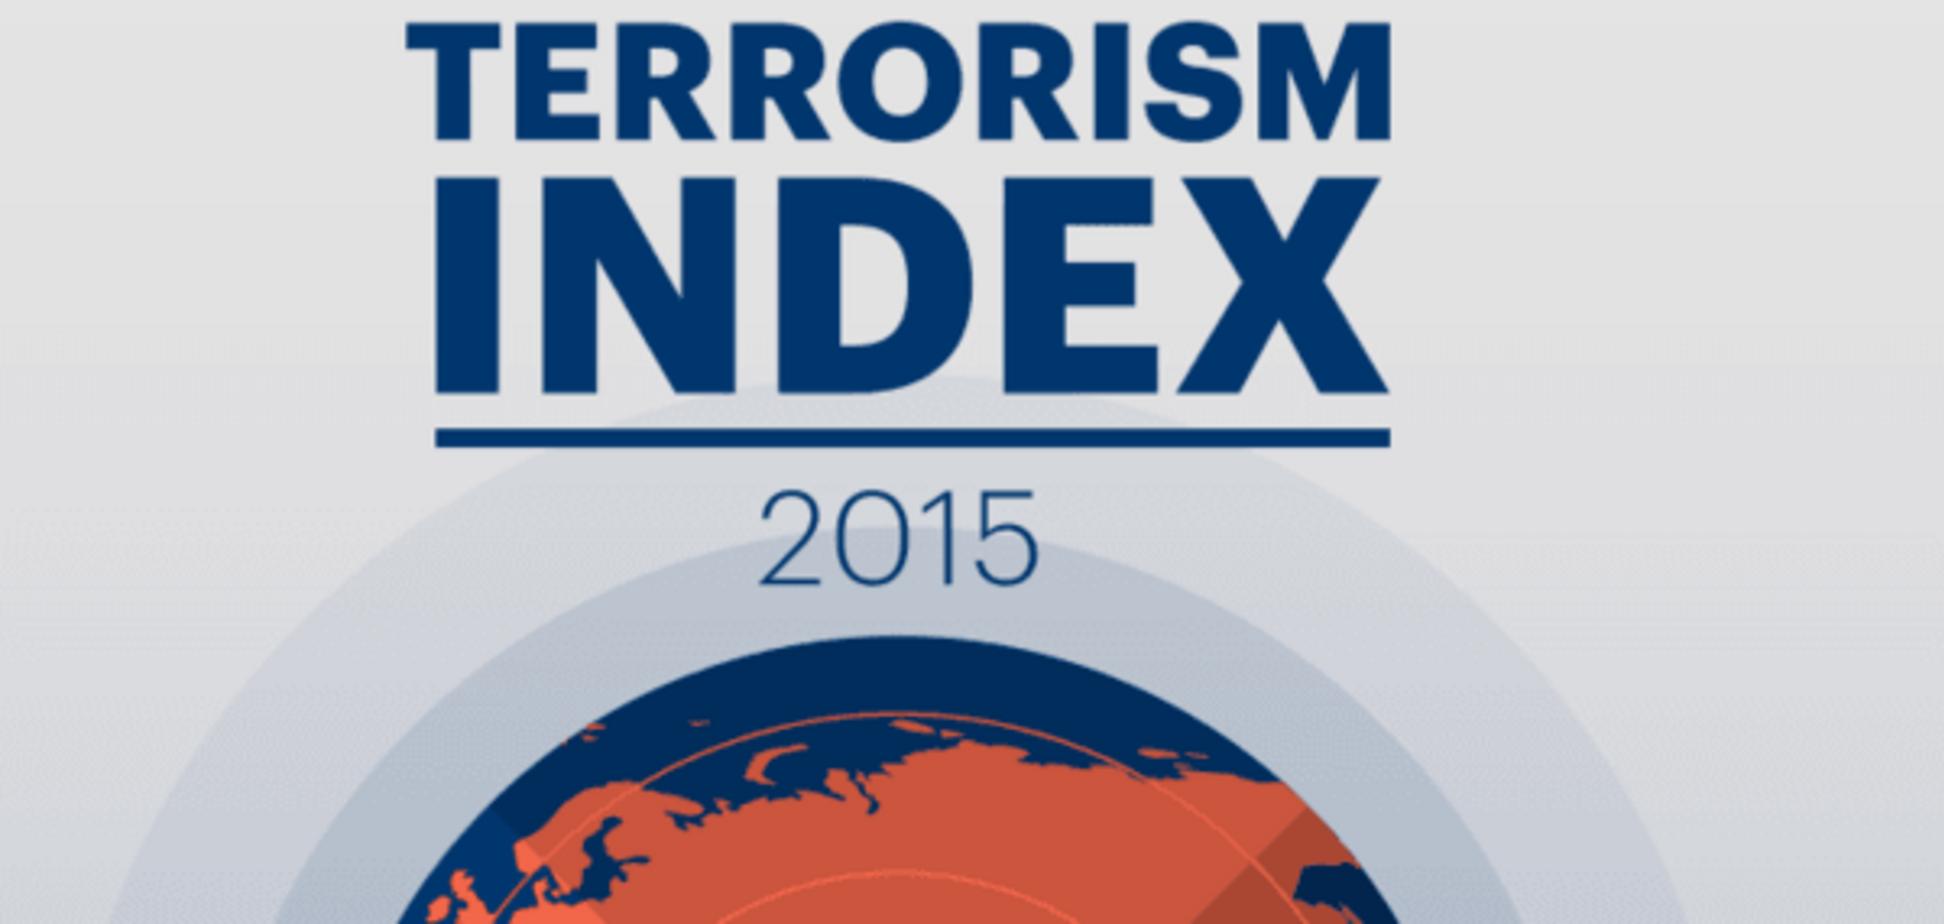 Єдина в Європі: Україна зайняла 12 місце в 'Глобальному індексі тероризму'